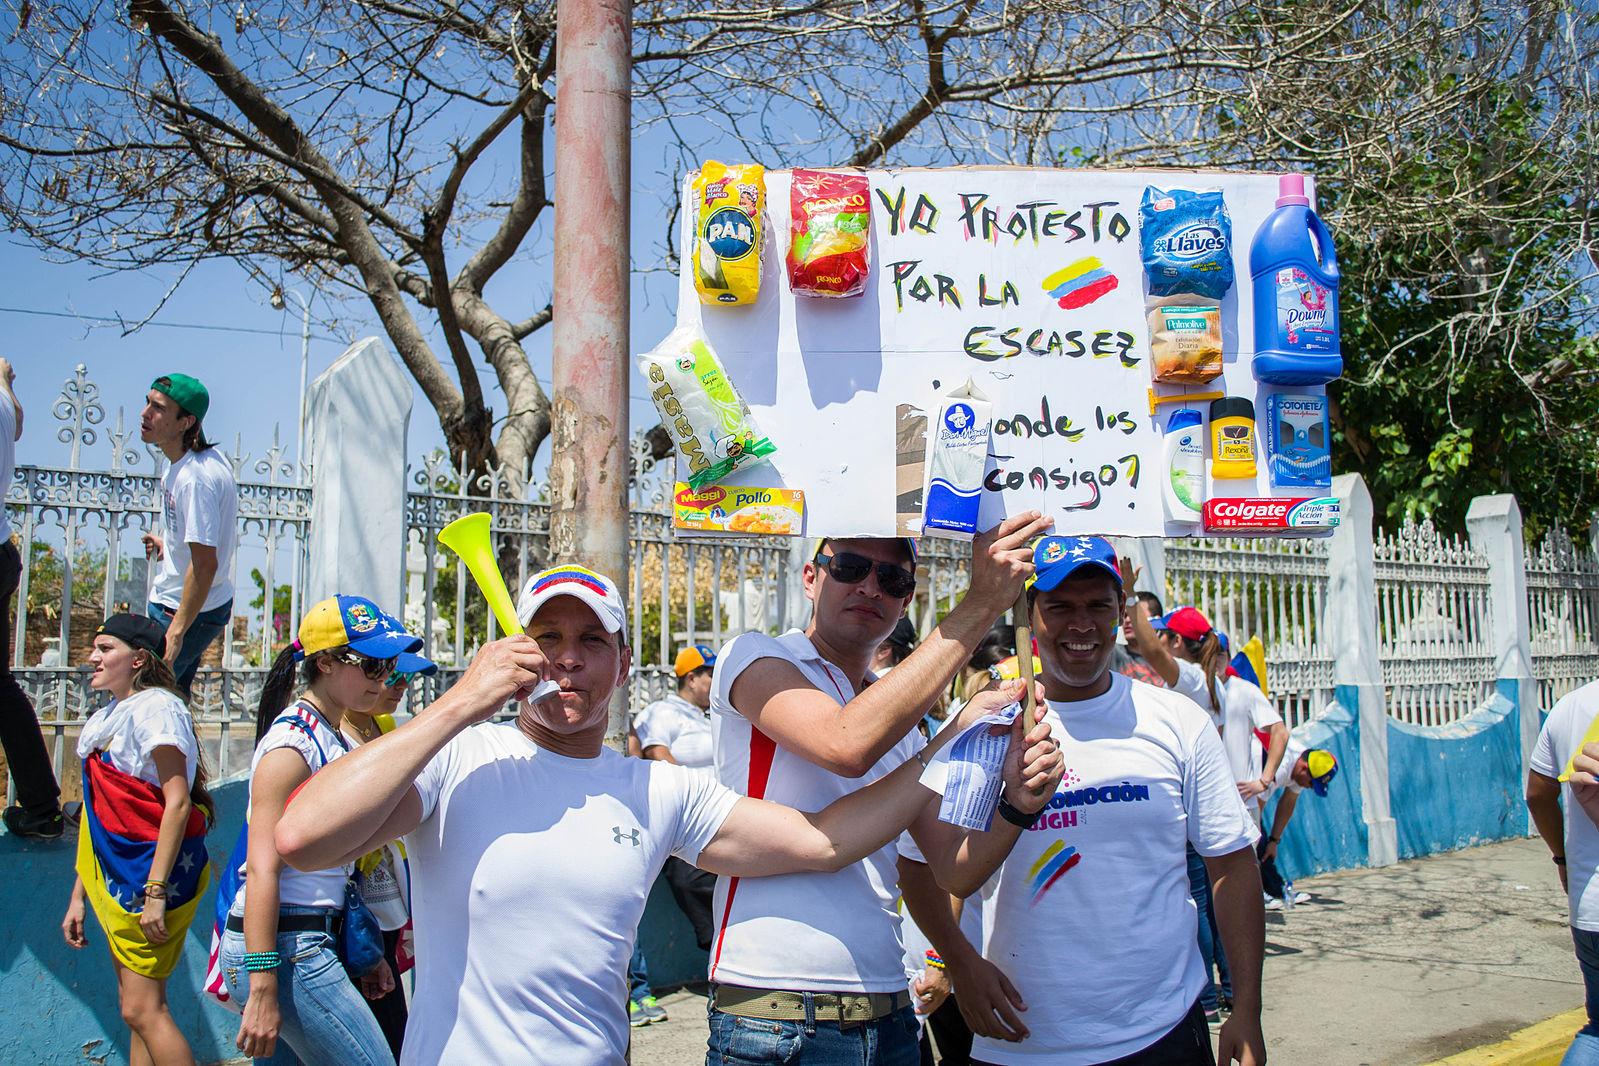 Marcha_hacia_el_Palacio_de_Justicia_de_Maracaibo_-_Venezuela_16.jpg